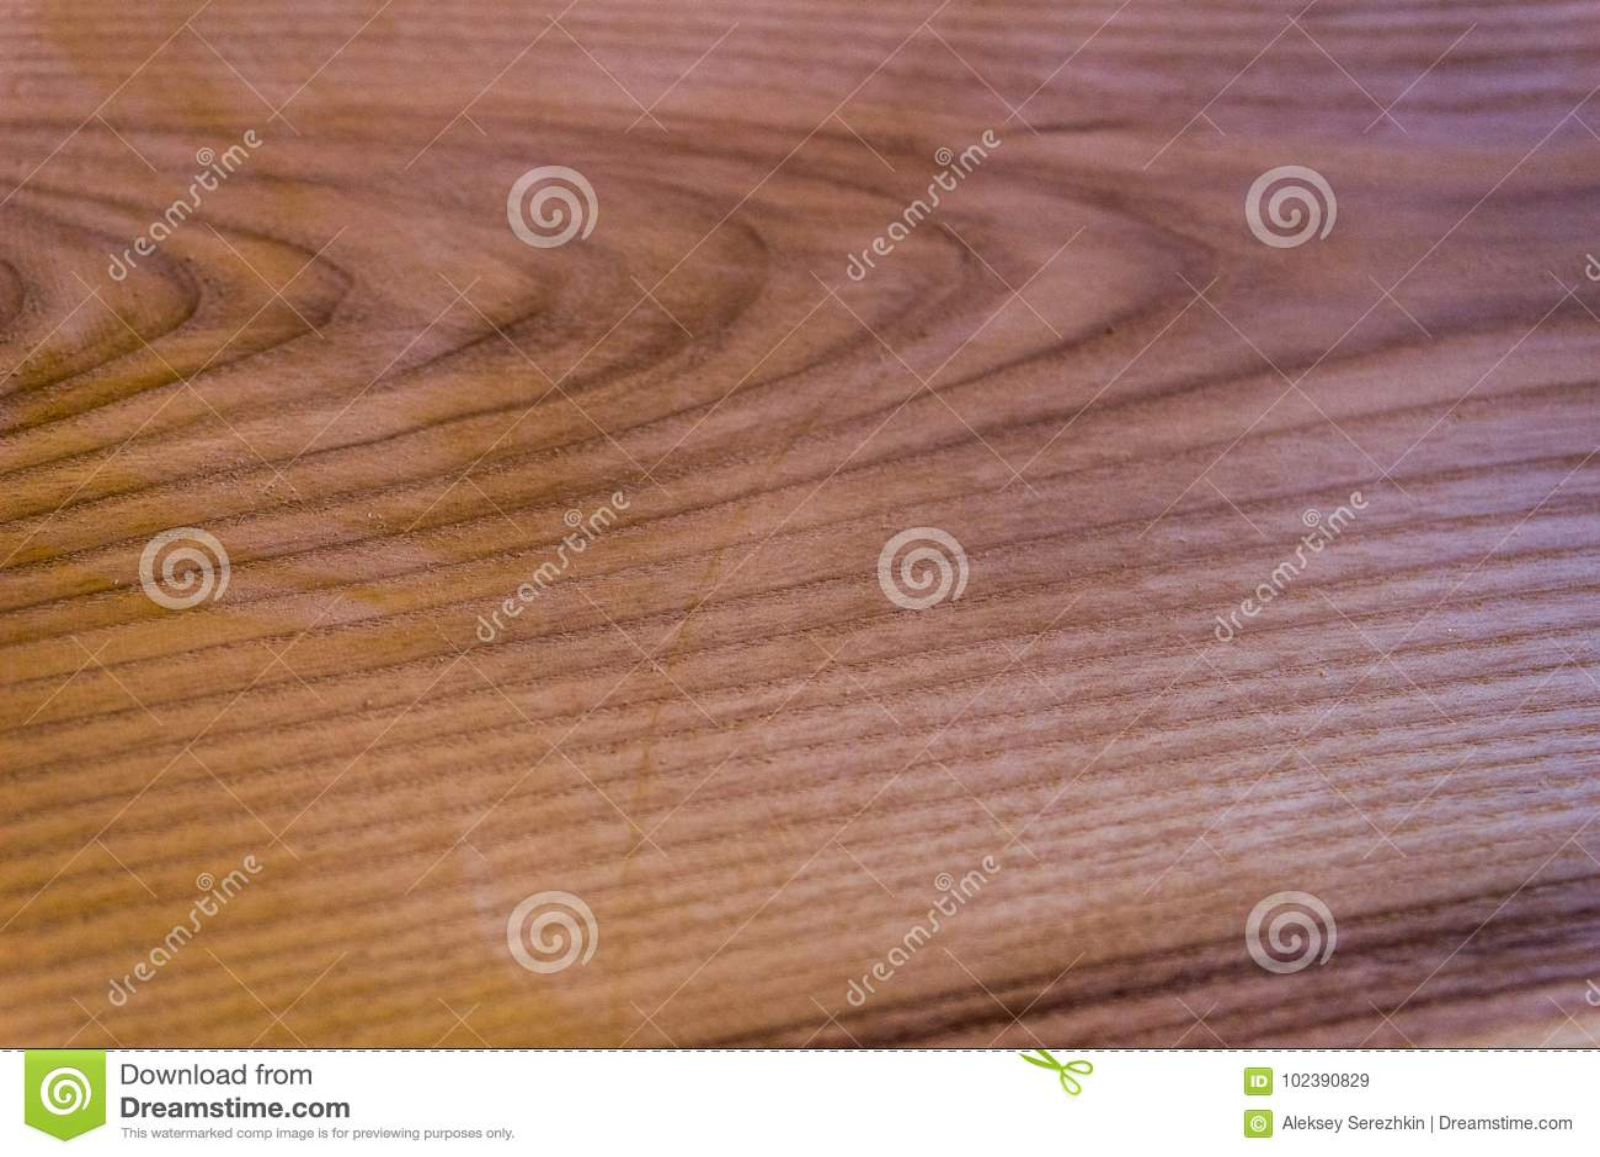 Σύσταση ενός δρύινου δέντρου, υπόβαθρο